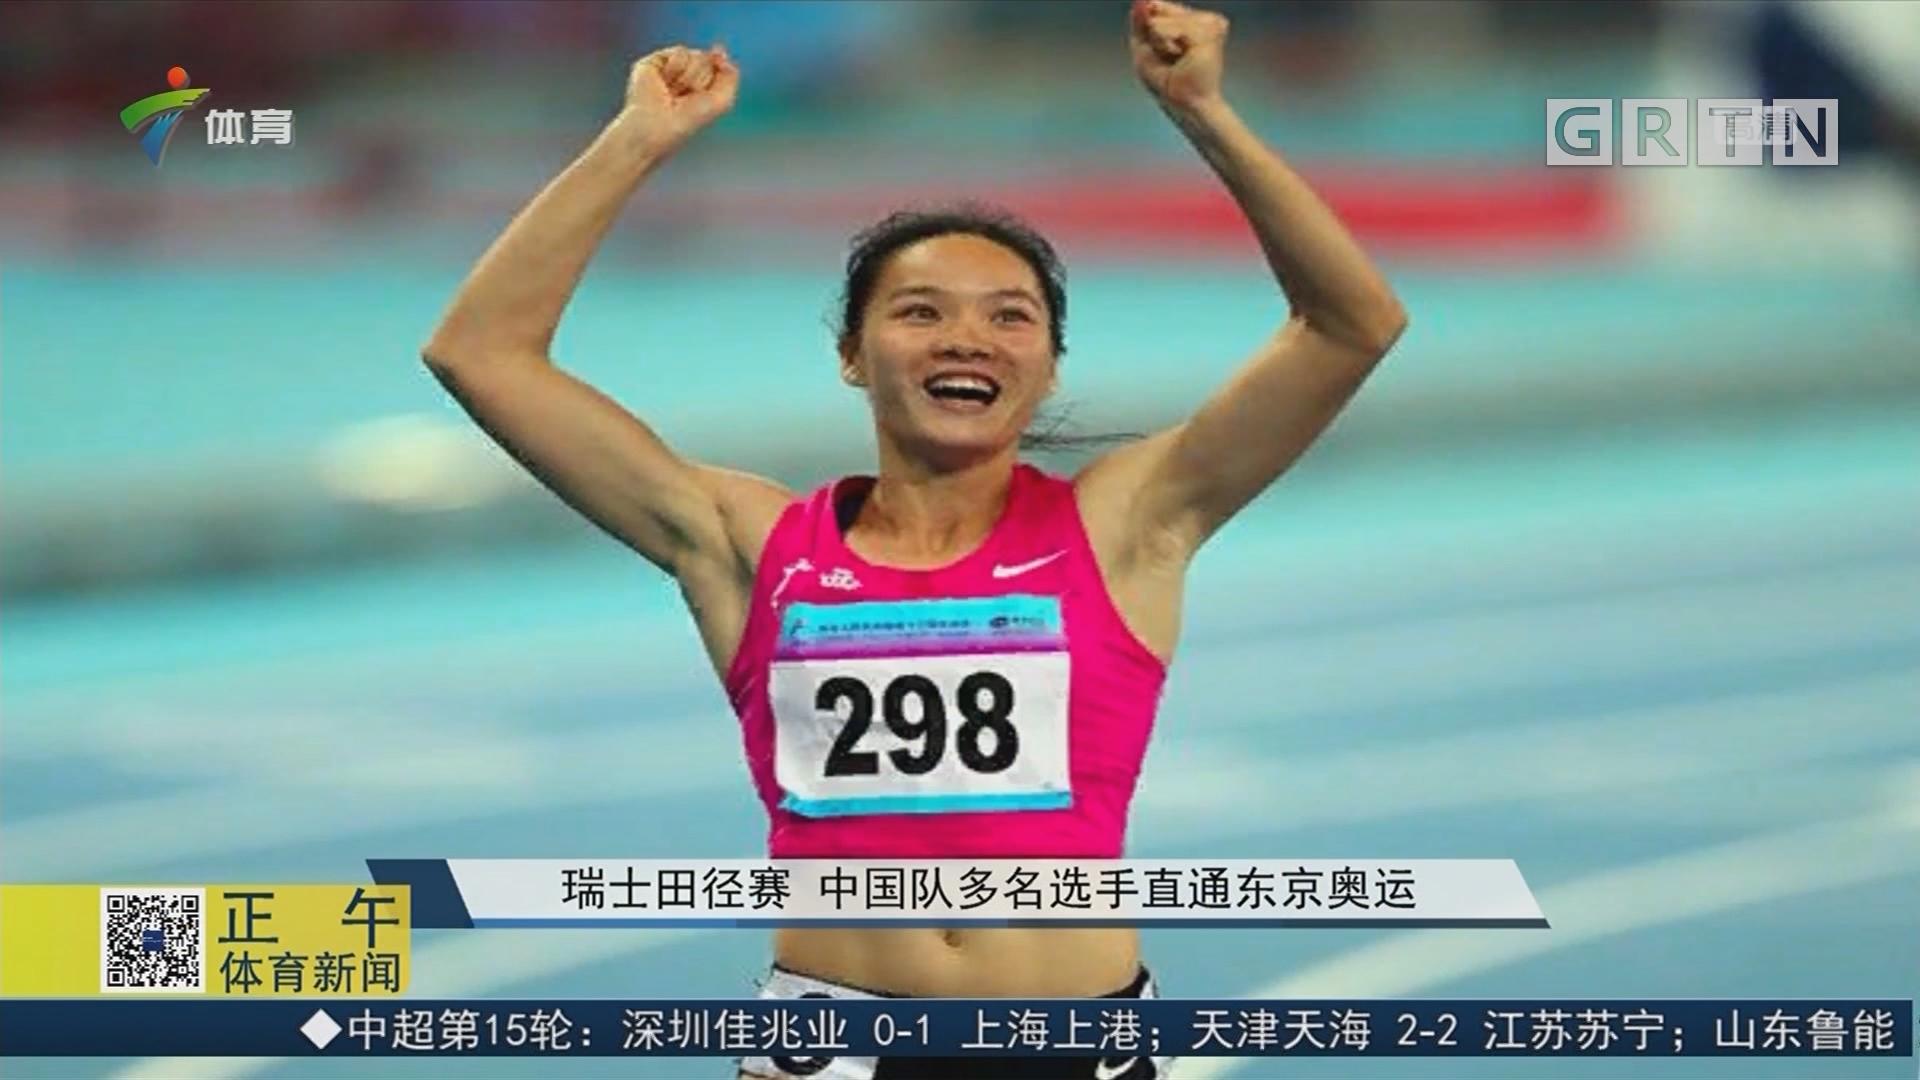 瑞士田径赛 中国队多名选手直通东京奥运